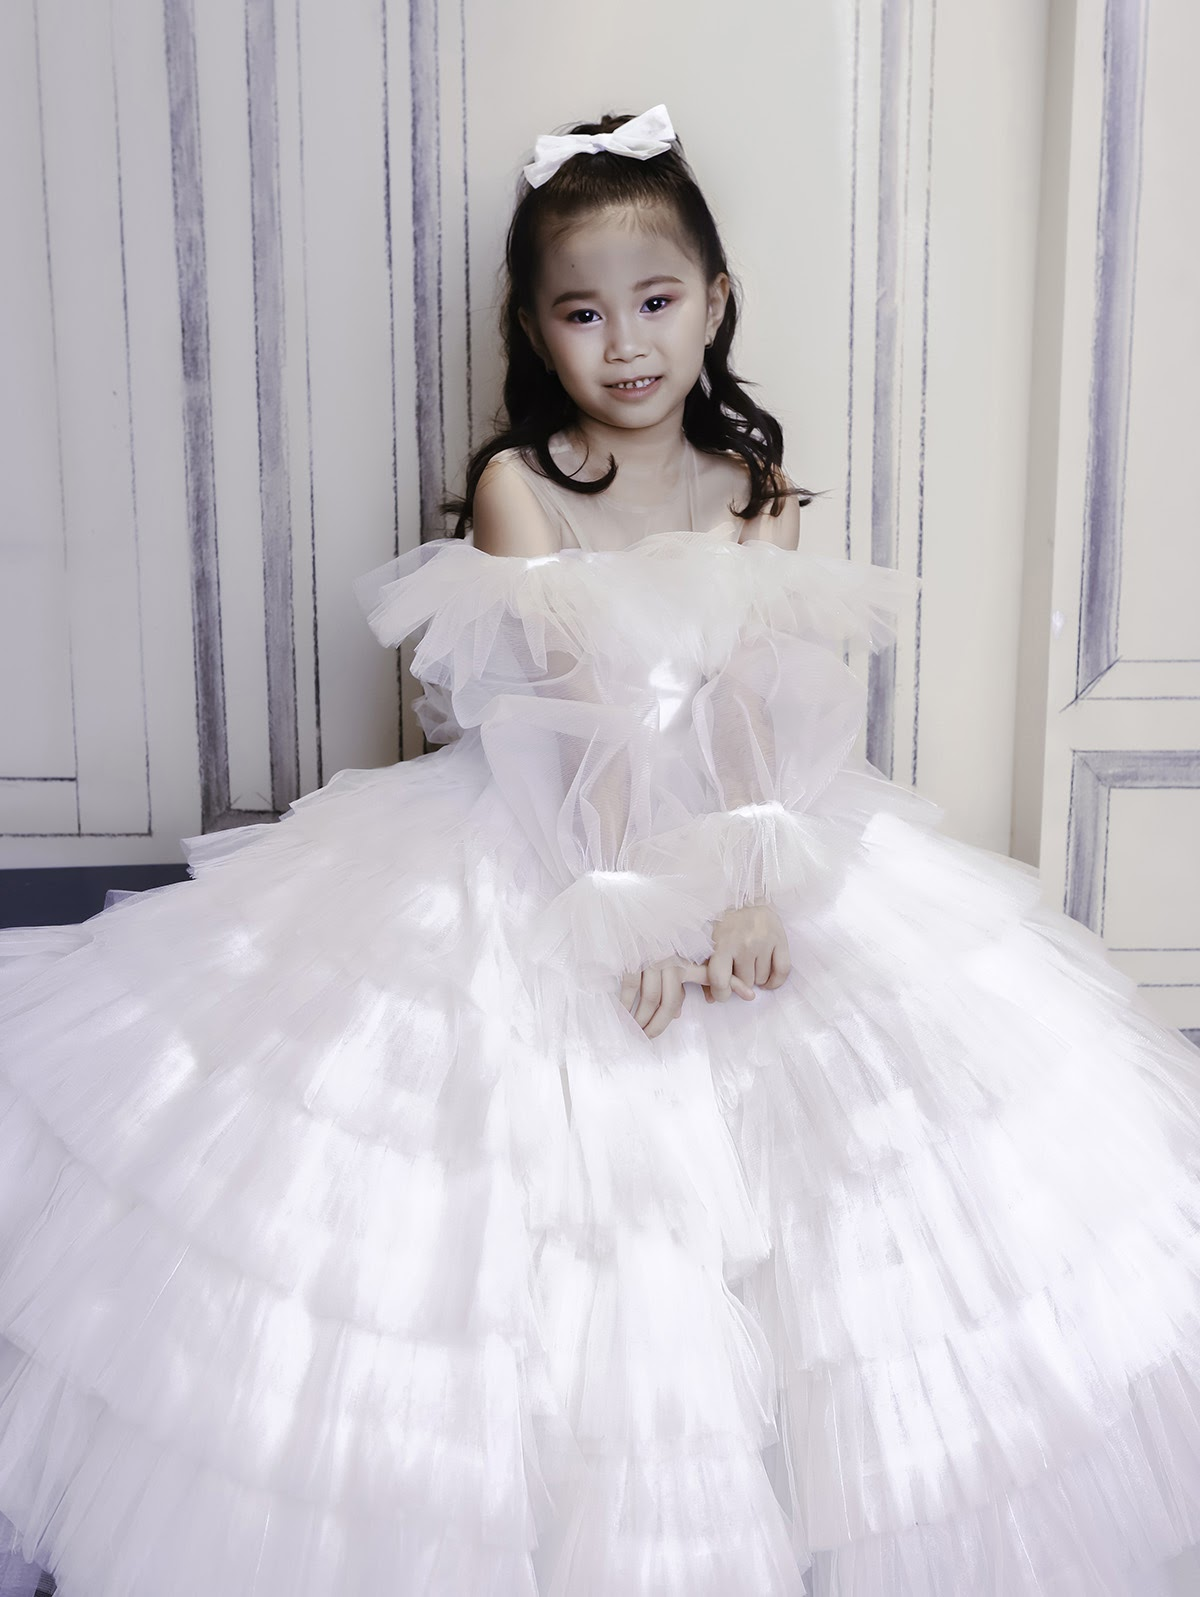 Mẫu nhí 7 tuổi Đồng Ngân hóa công chúa nhỏ ngọt ngào trong thiết kế của Nguyễn Minh Công - Hình 2